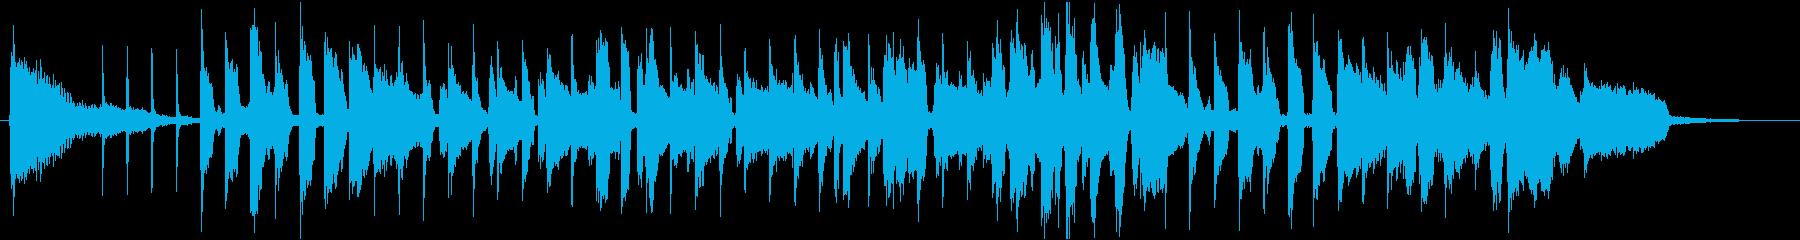 ごぼうをテーマにした楽曲の再生済みの波形